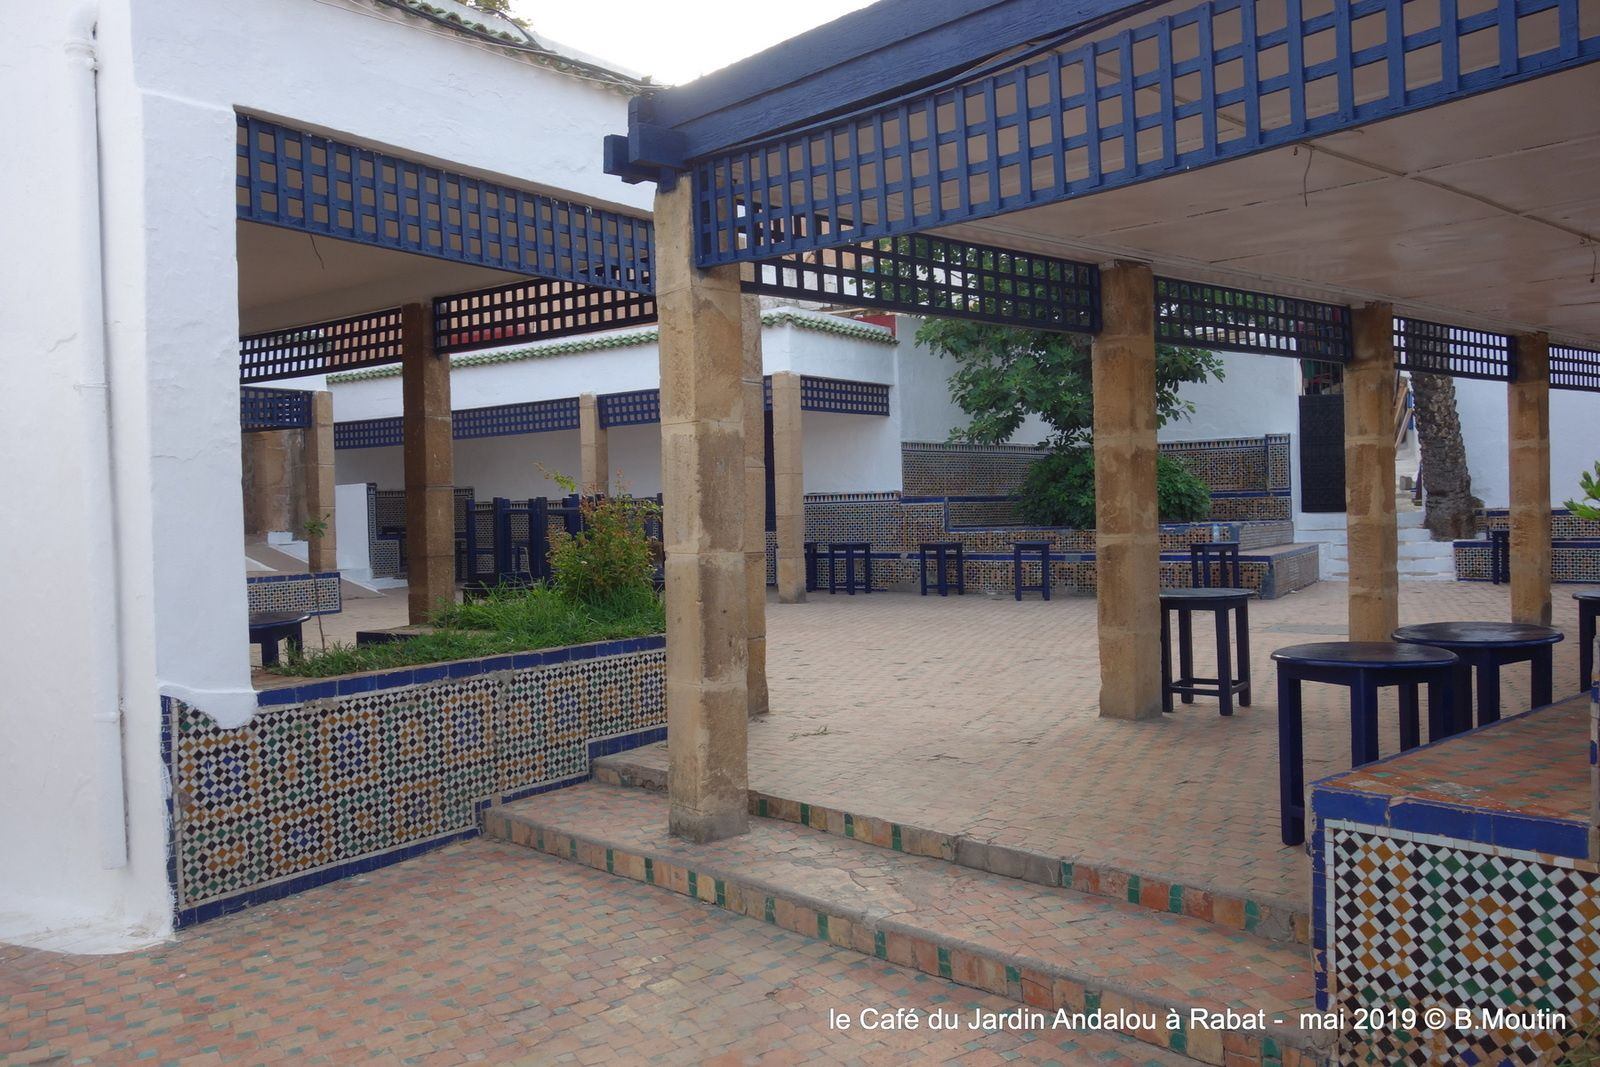 Le Café du jardin des Andalous à Rabat